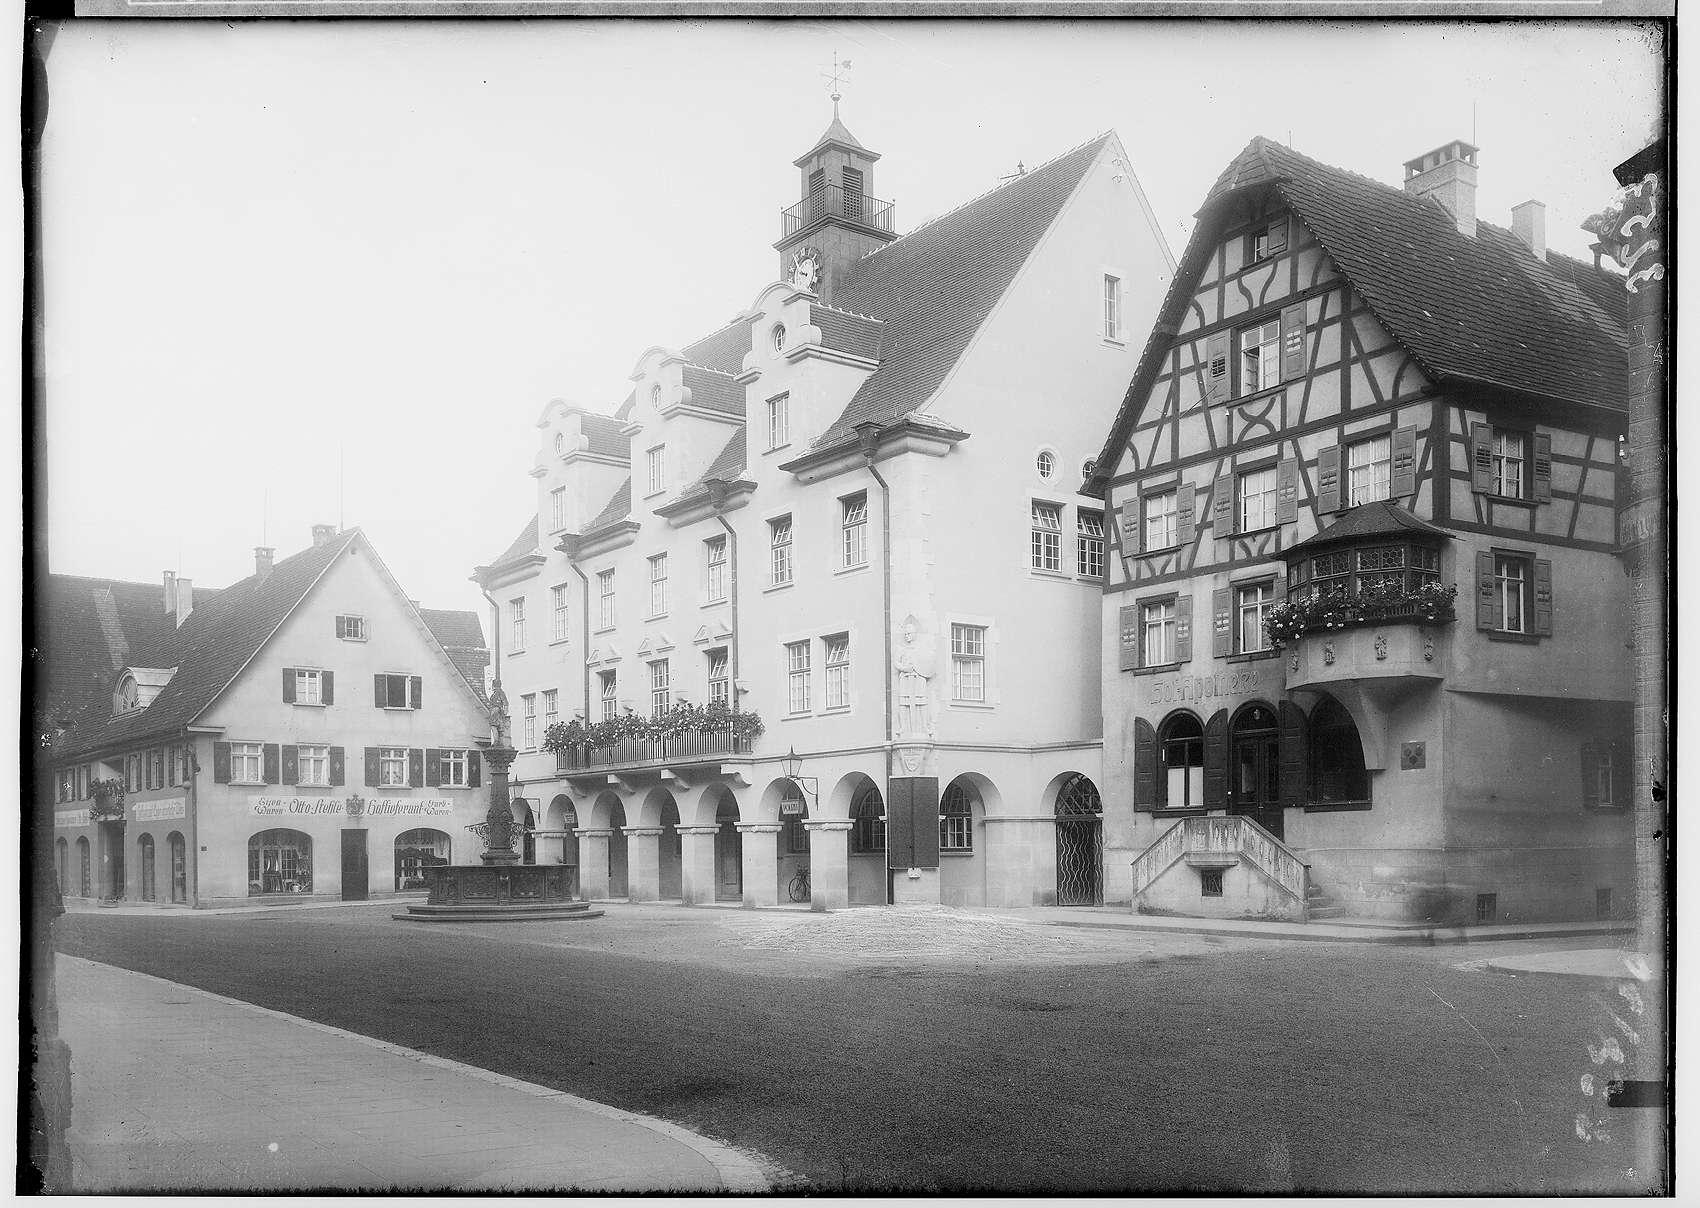 Rathausplatz Sigmaringen mit Haus Hoflieferant Otto Stehle, Rathaus, Rathausbrunnen, Hofapotheke, Bild 1